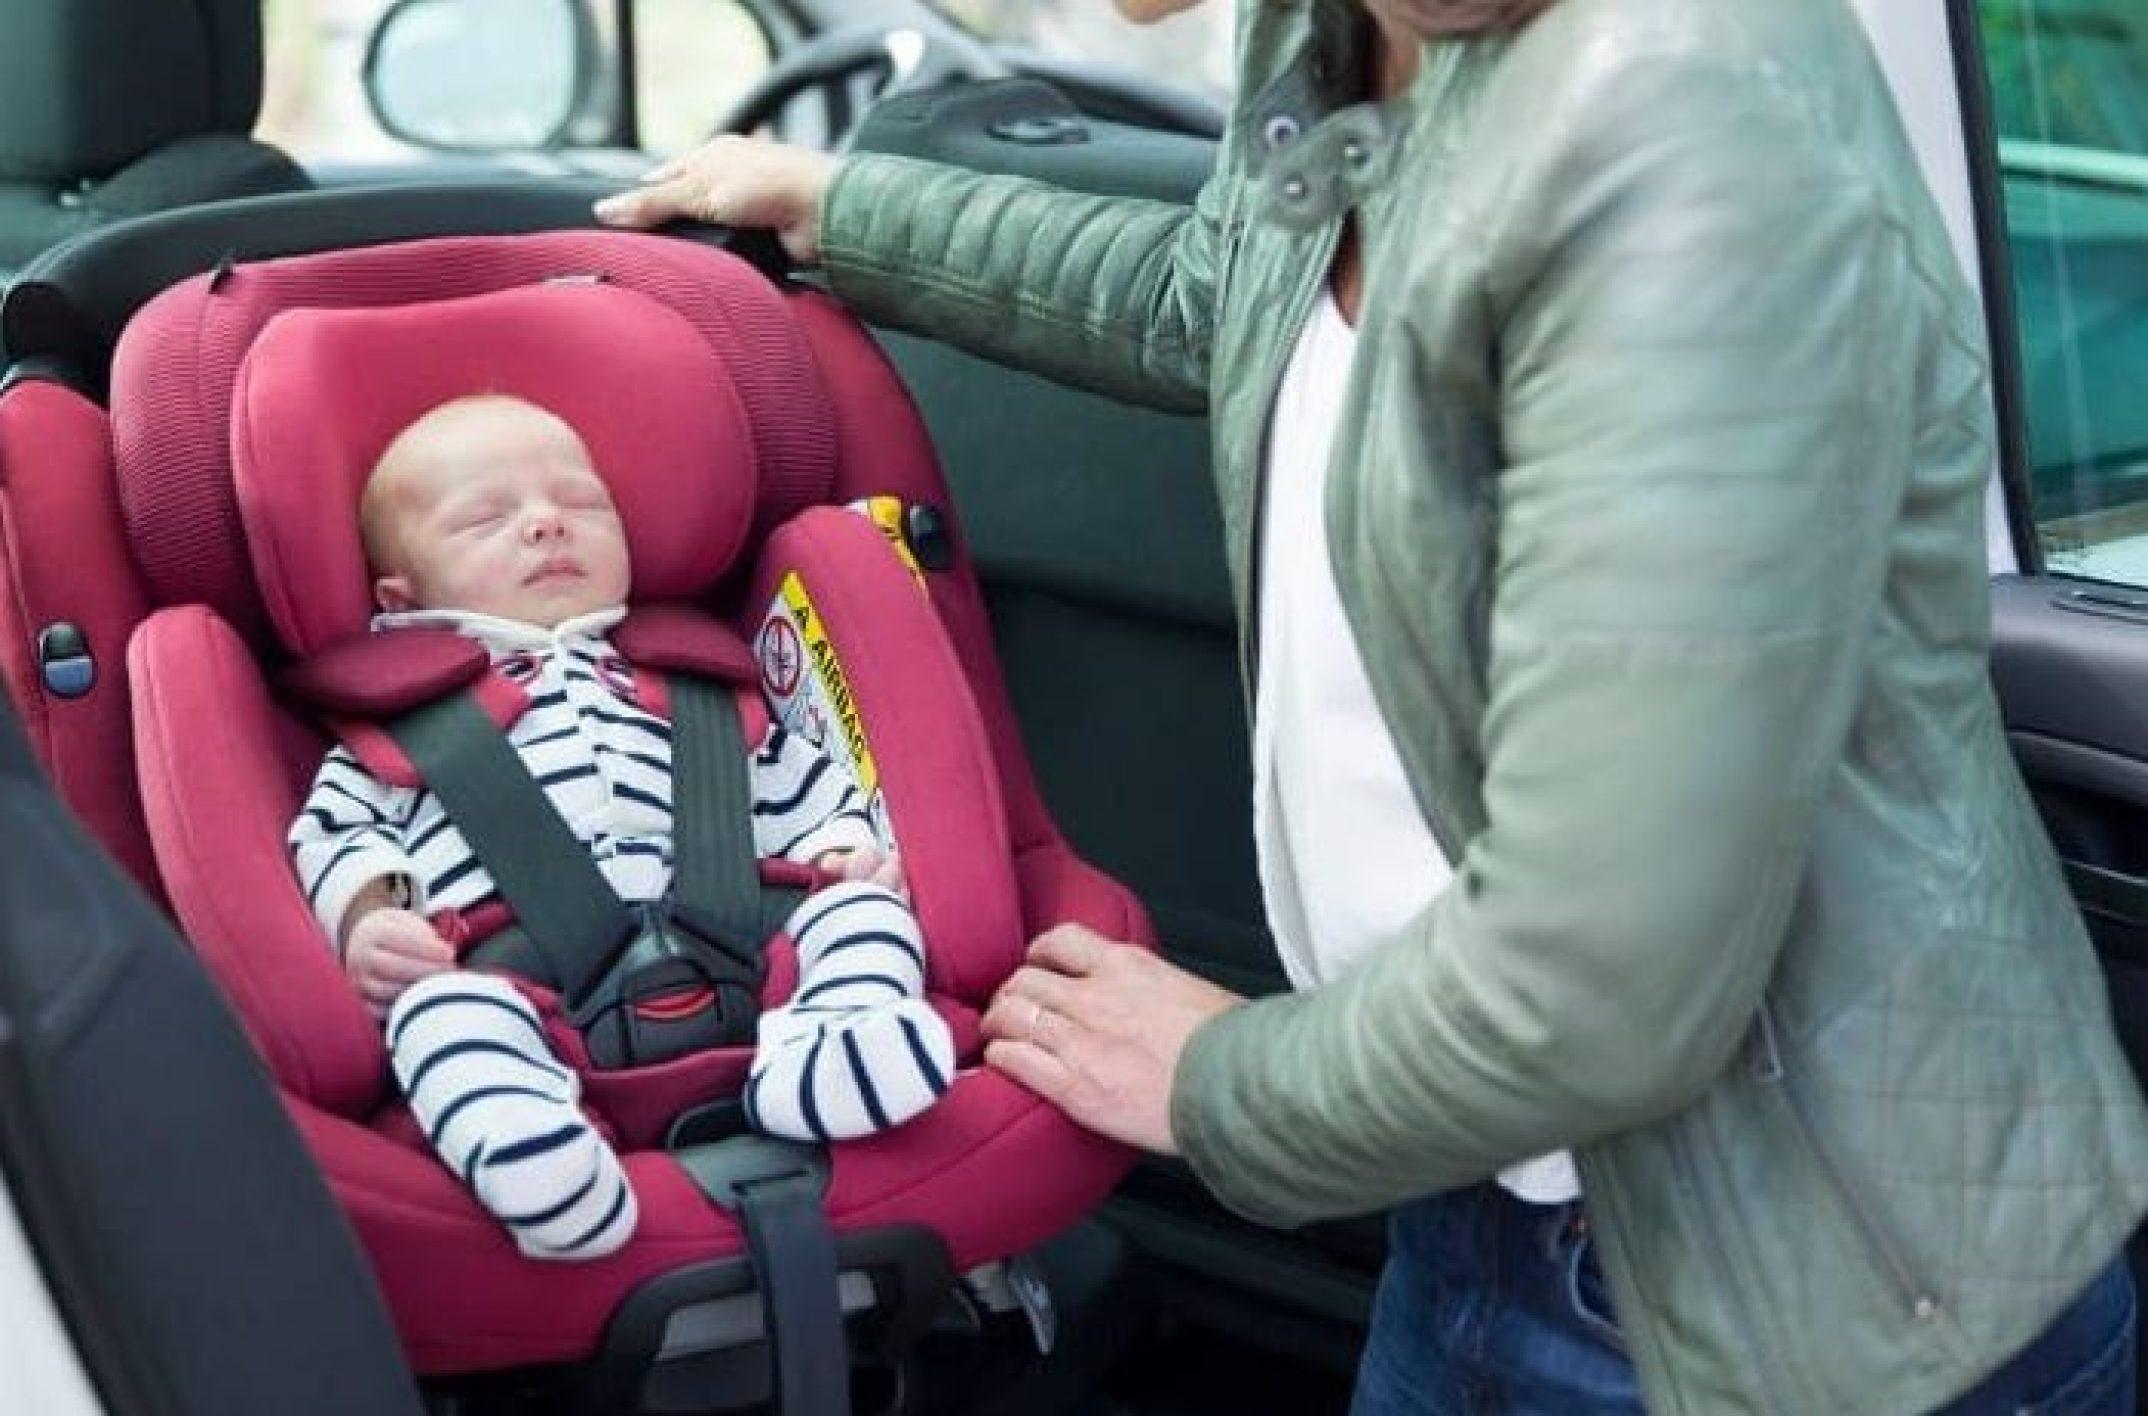 Comment améliorer la sécurité et le confort de votre bébé en voiture ?